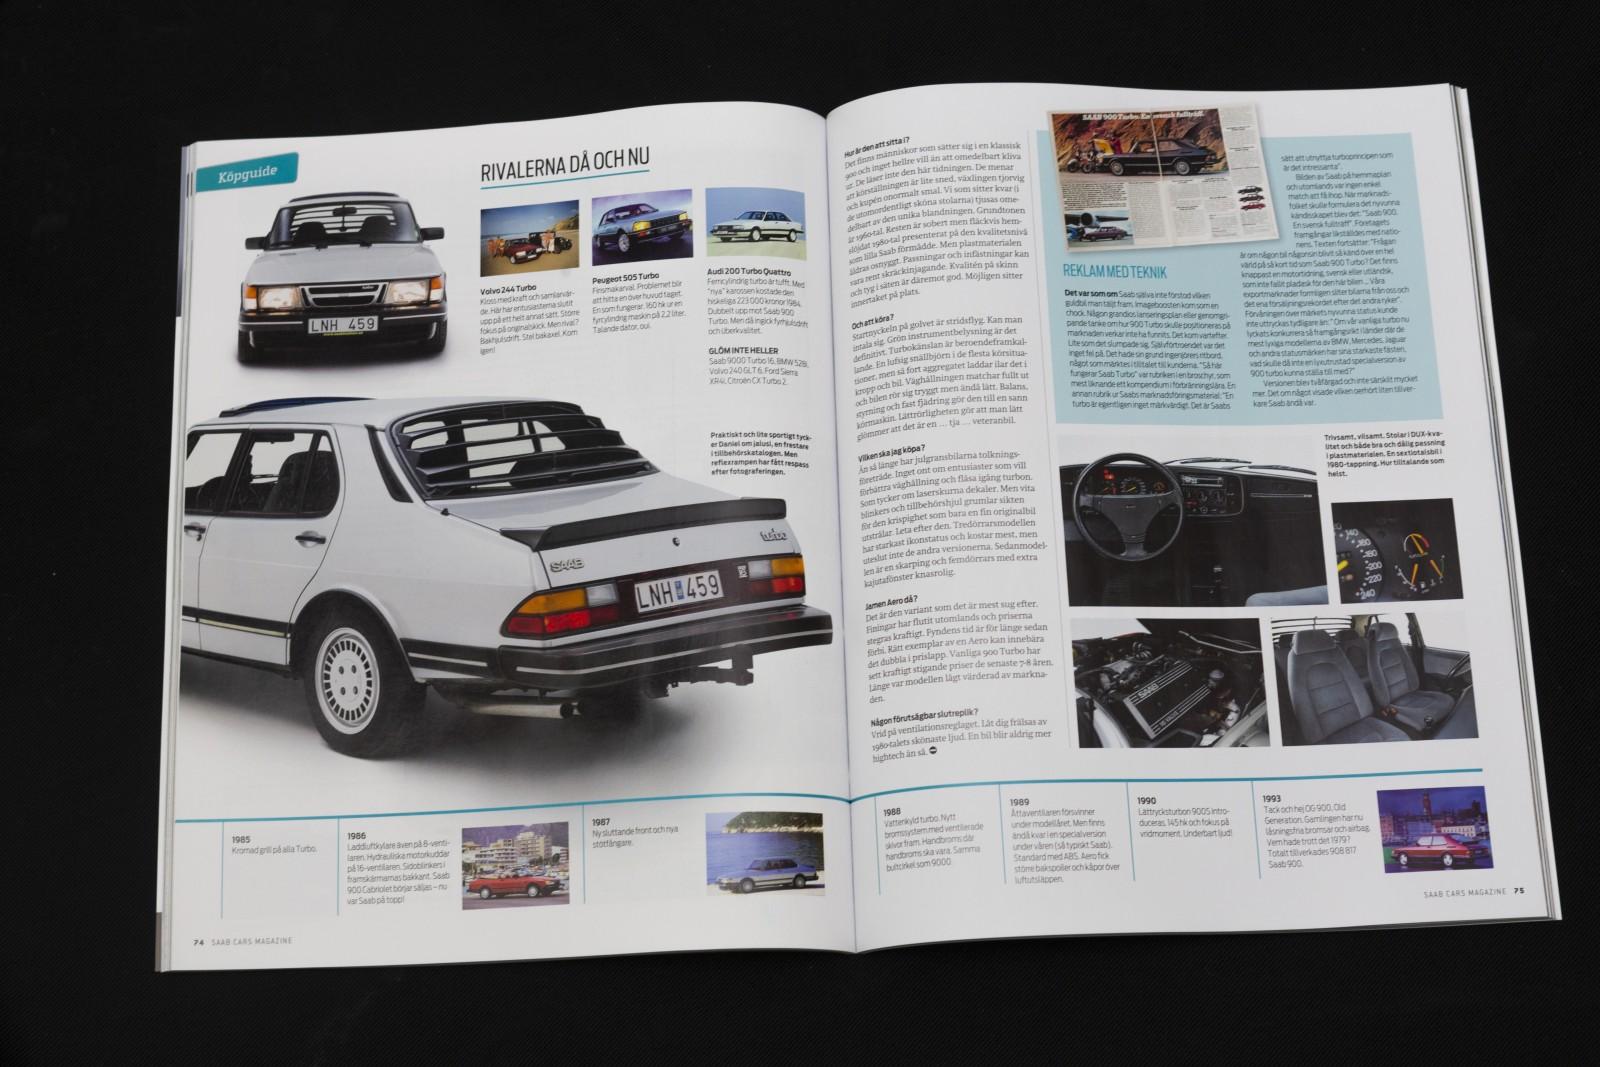 Med en Saab 900 Turbo i garaget har du inte bara en särdeles cool bil. Du äger ett monument över en epok i Saabs historia. En stolt representant för den svenska nationens lätt uppblåsta självbild från en tid då vi var bäst, störst och vackrast. Men håll koll på bärarmsinfästningarna.